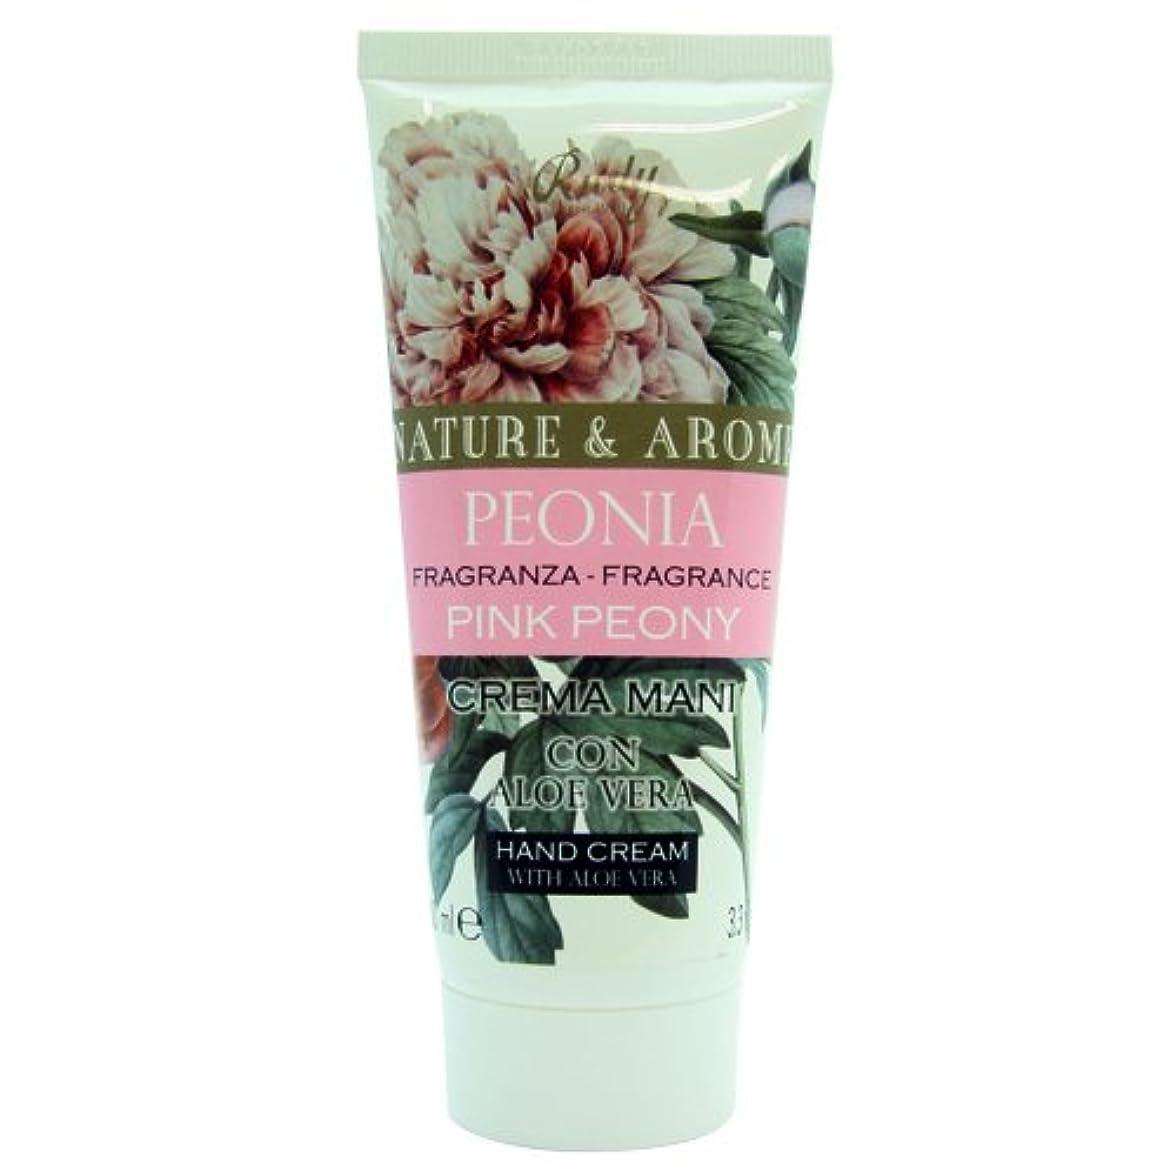 死すべきパネル小川RUDY Nature&Arome SERIES ルディ ナチュール&アロマ Hand Cream ハンドクリーム  ピンクピオニー